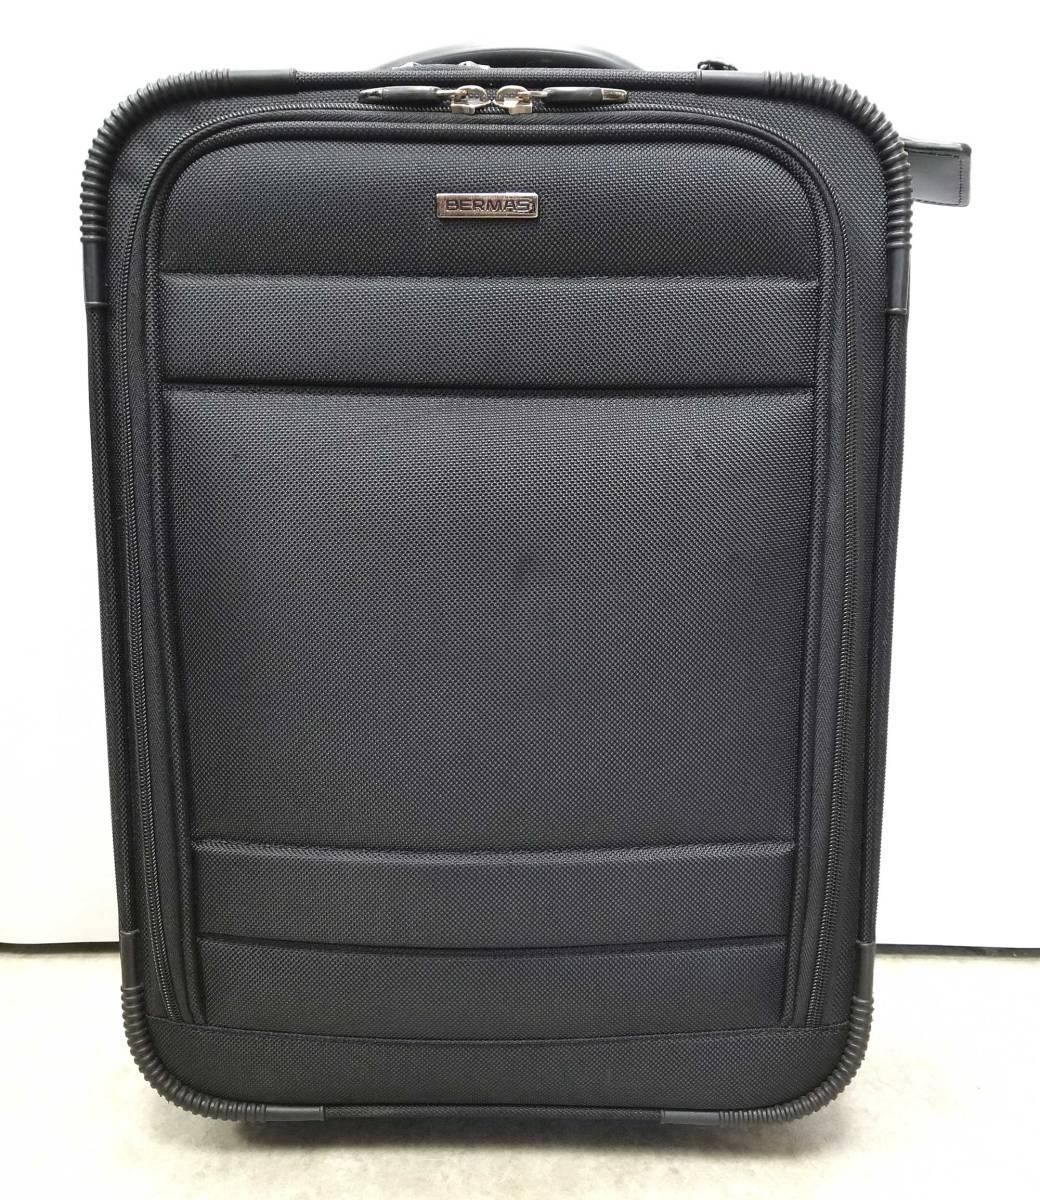 バーマス キャリーバッグ ビジネス スーツケース メンズ 旅行かばん ファンクションギア シリーズ BERMAS ブラック 黒 【中古】